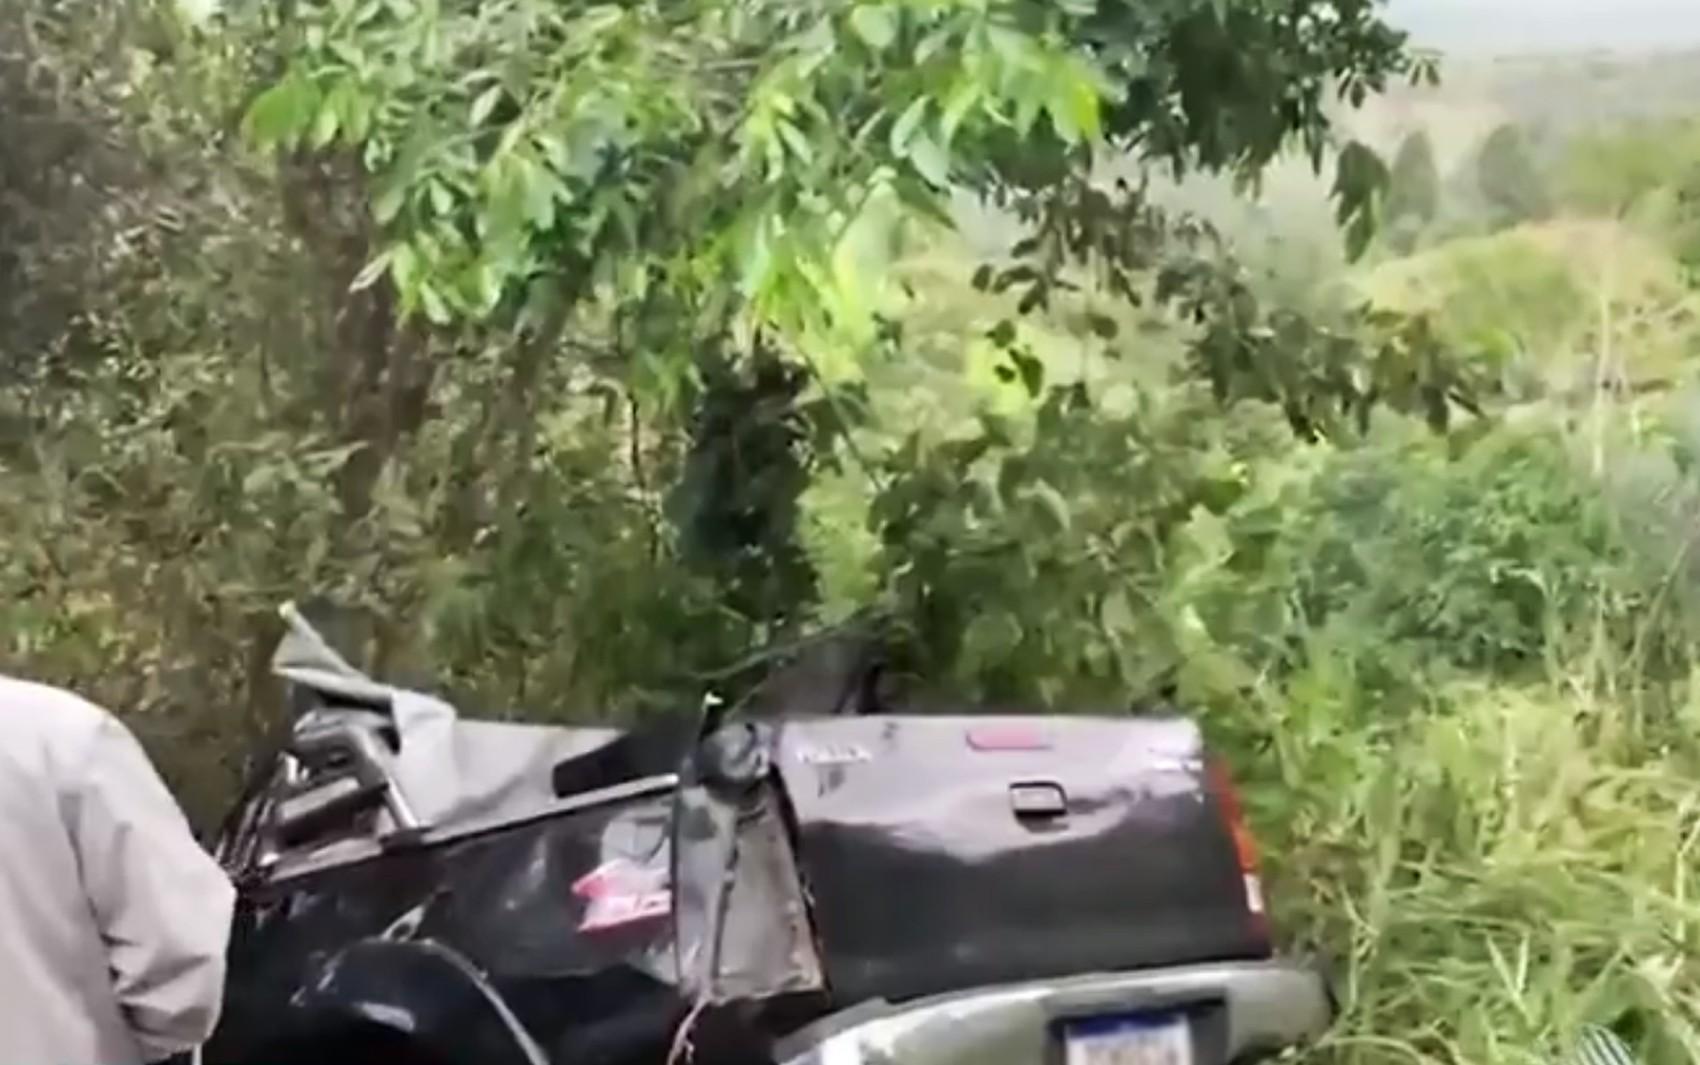 Mulher morre e três pessoas ficam feridas em acidente na BA-250, no sudoeste da BA